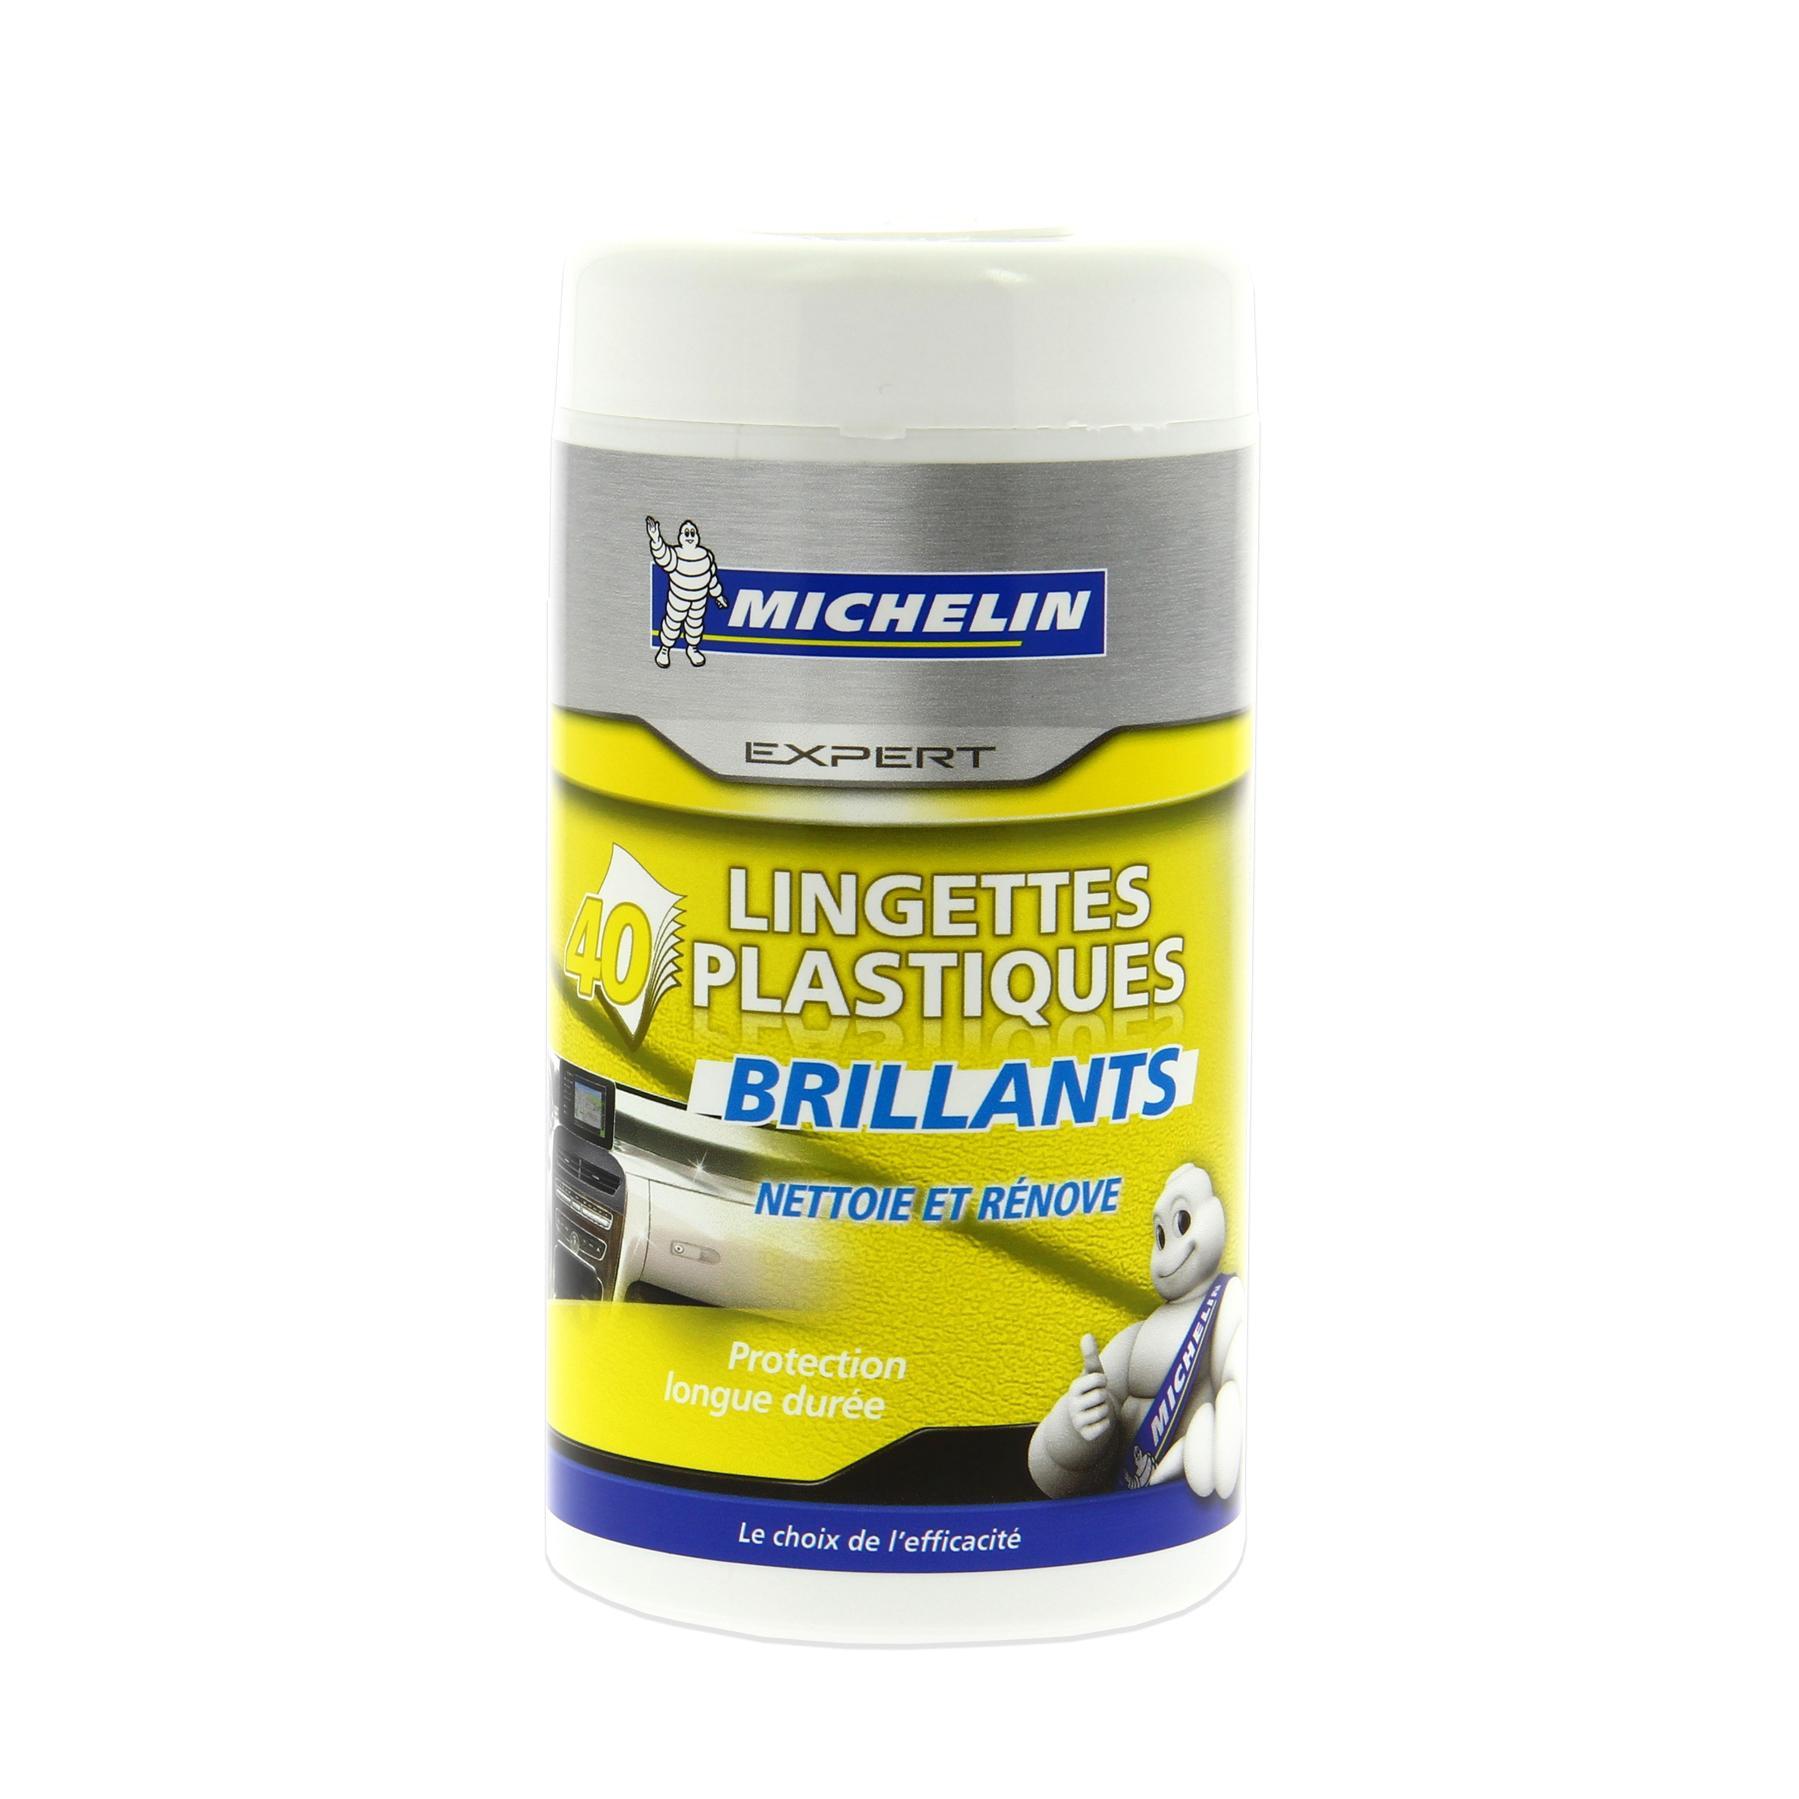 Handrengöringsdukar Michelin 008886 Expertkunskap